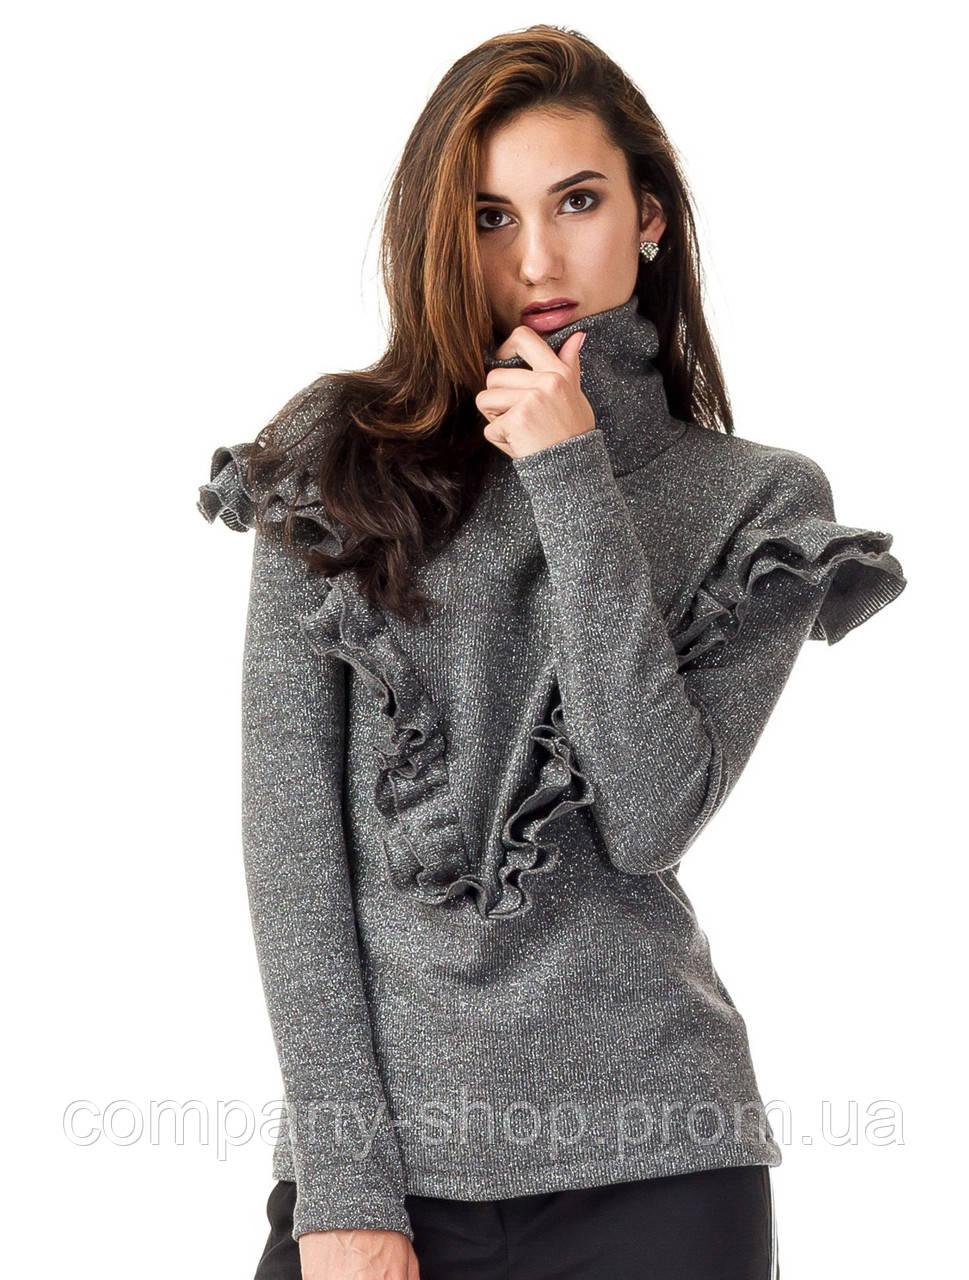 Женский джемпер с высоким воротником и рюшами. Модель К082_серый люреск.